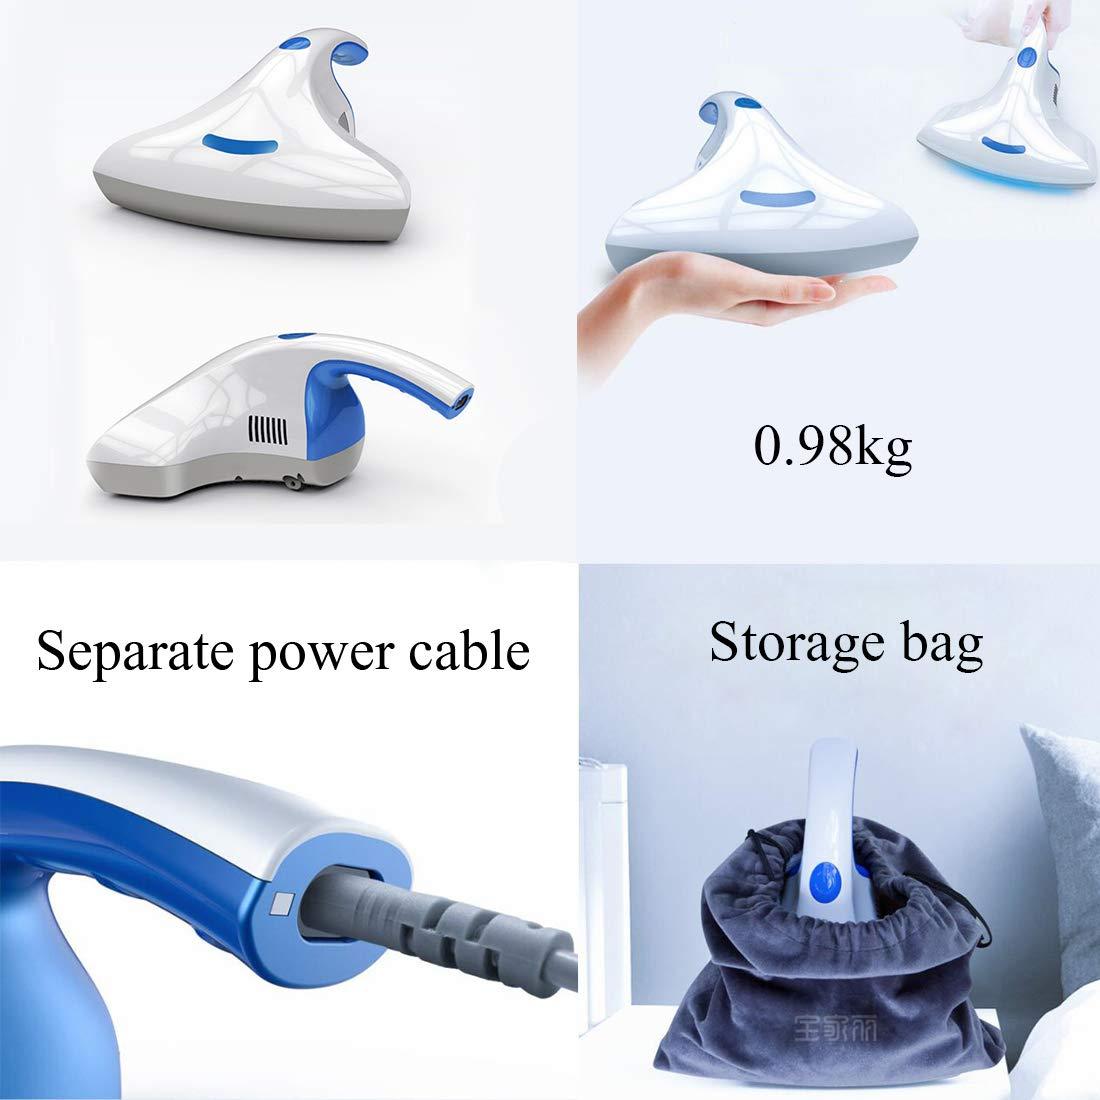 LSHOME Aspiradora de Colchones Pequeños, Aspiradora UV Doméstico,Aspiradora con Cable de Mano Capacidad de 0.5L, 400W, Adecuada para Uso en alfombras, ...